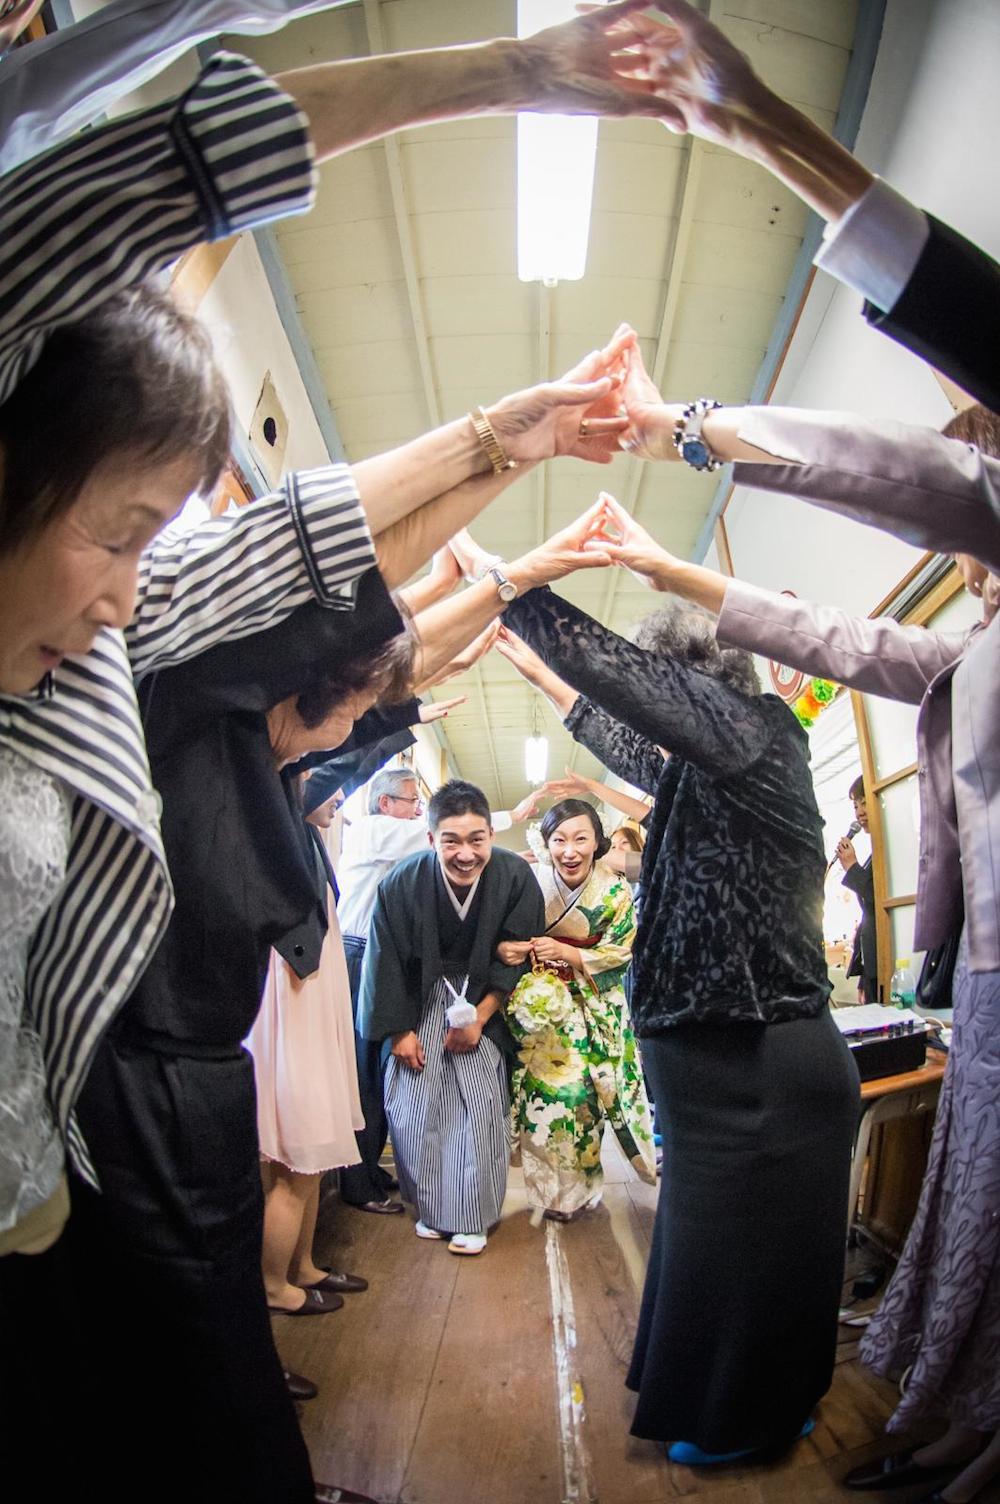 おひさま結婚式 〜みなさまの温かな笑顔に照らされて〜 「いい結婚式」のプランニングコンテスト Good Wedding Award 2014グランプリ22